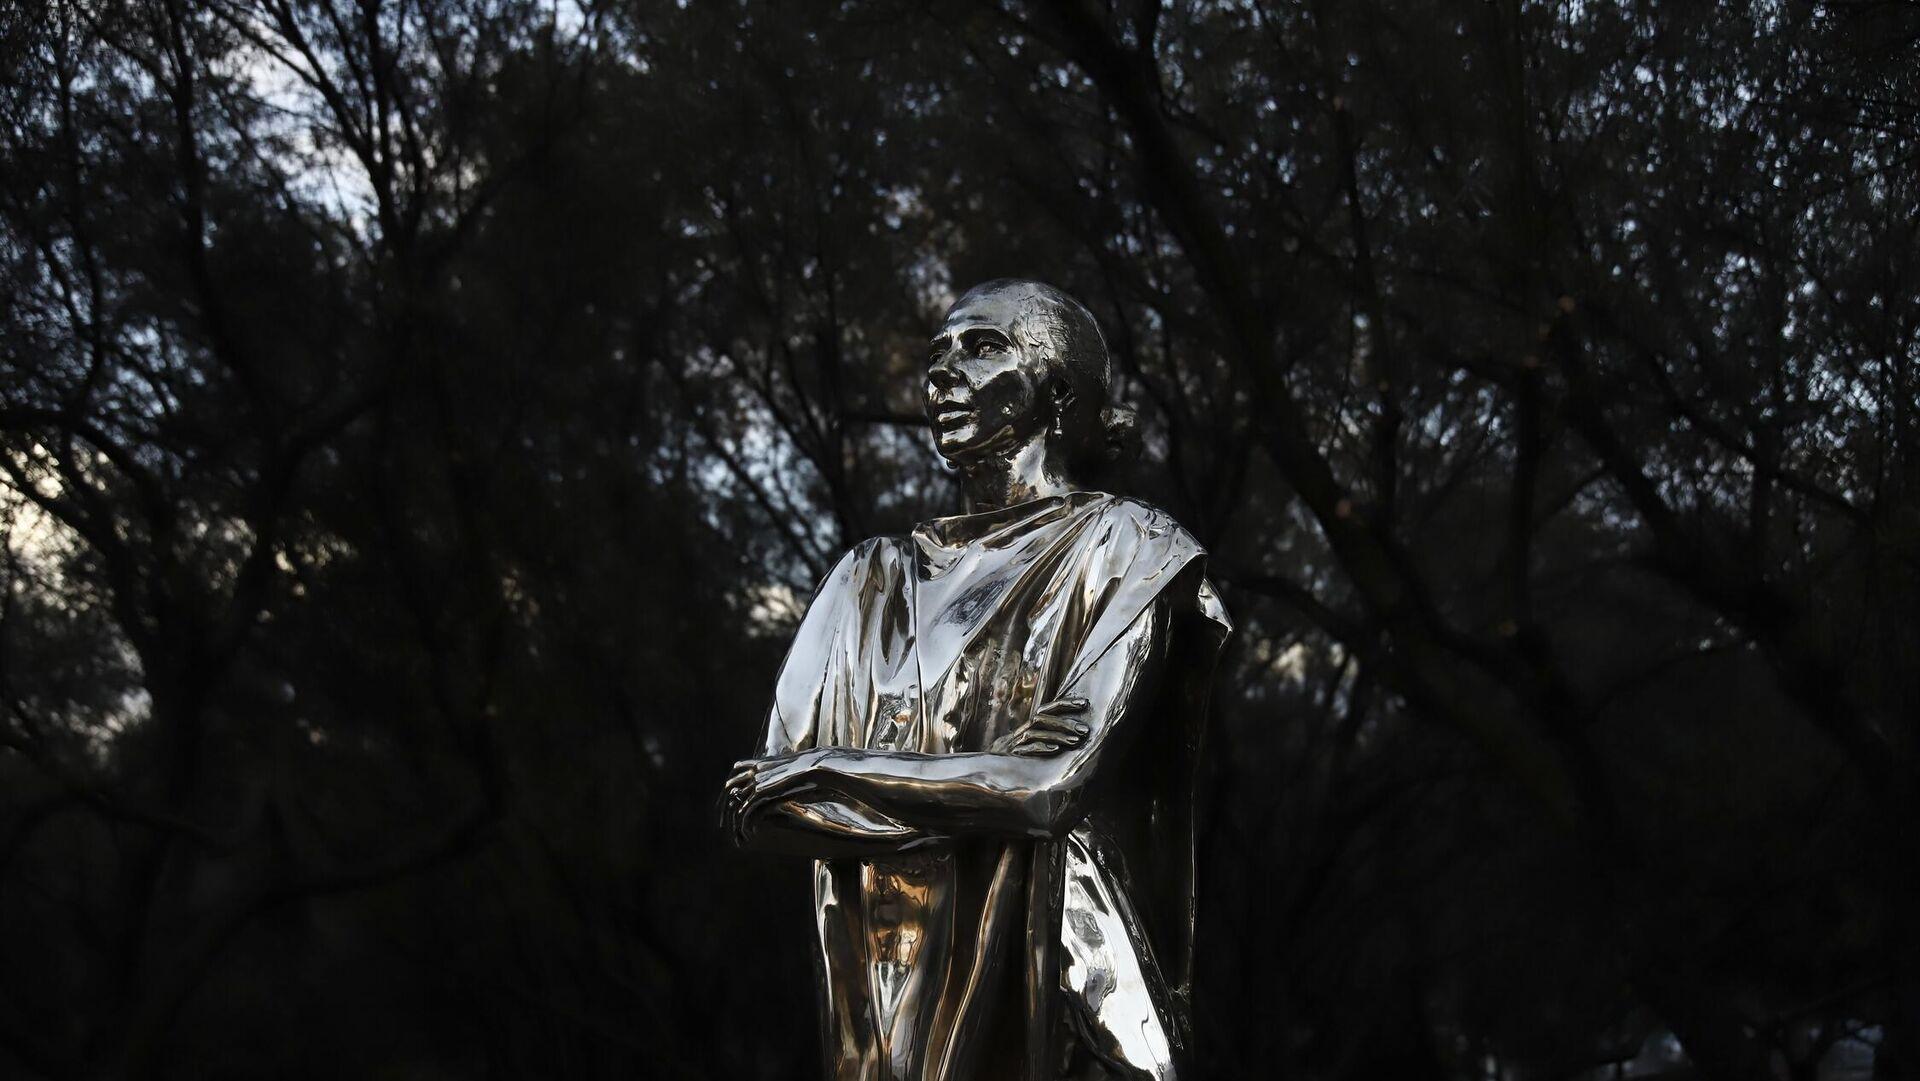 Το άγαλμα της Κάλλας στην Αθήνα - Sputnik Ελλάδα, 1920, 11.10.2021